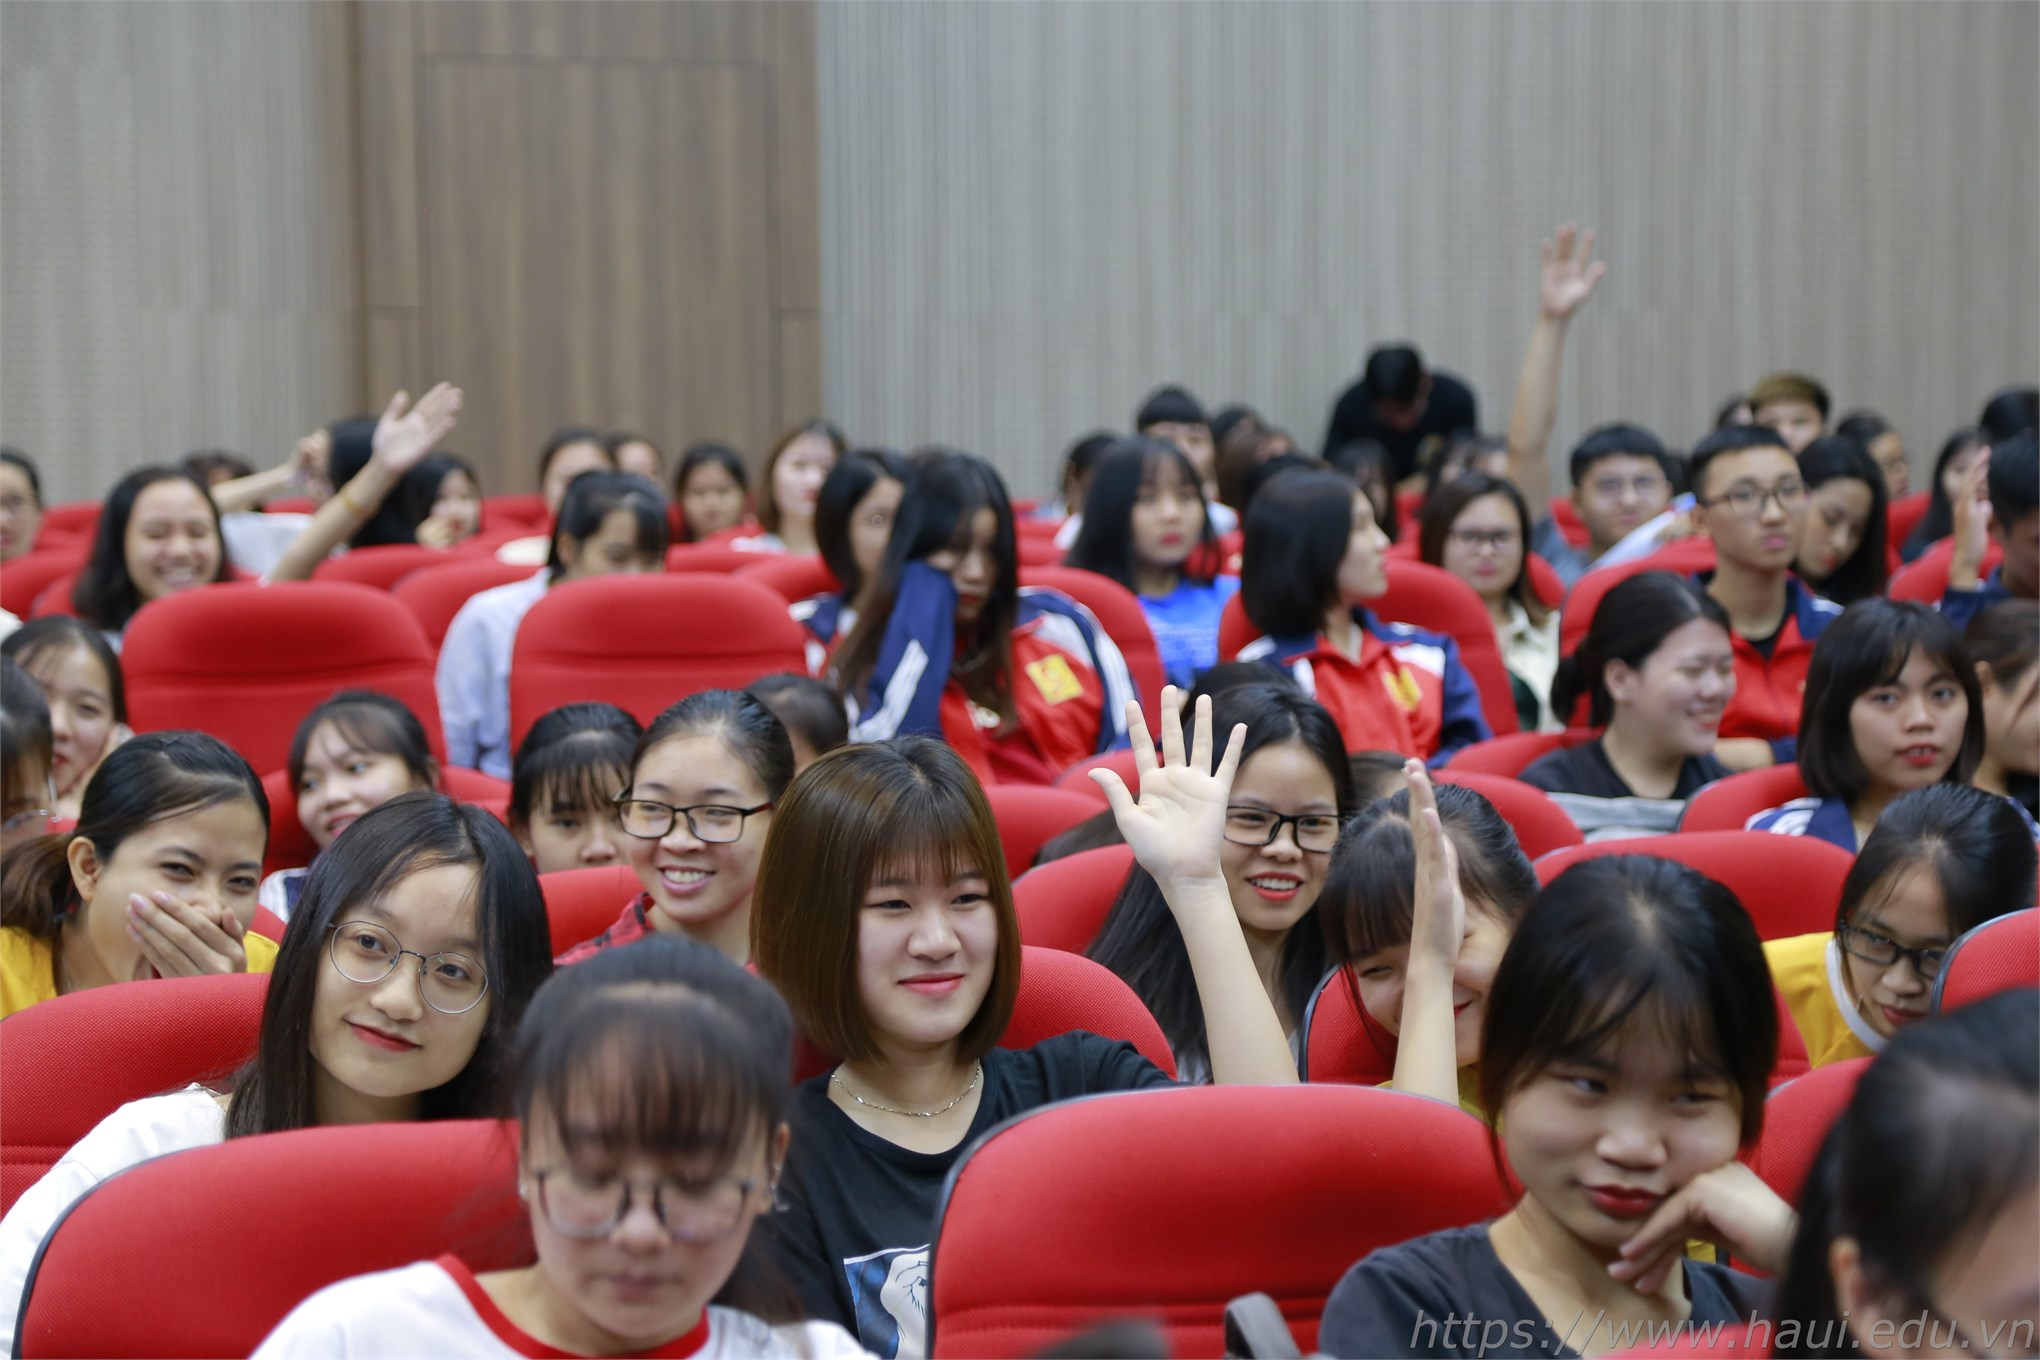 Các bạn sinh viên Khoa Kế toán Kiểm toán hào hứng tham gia những bài test trong buổi Tọa đàm